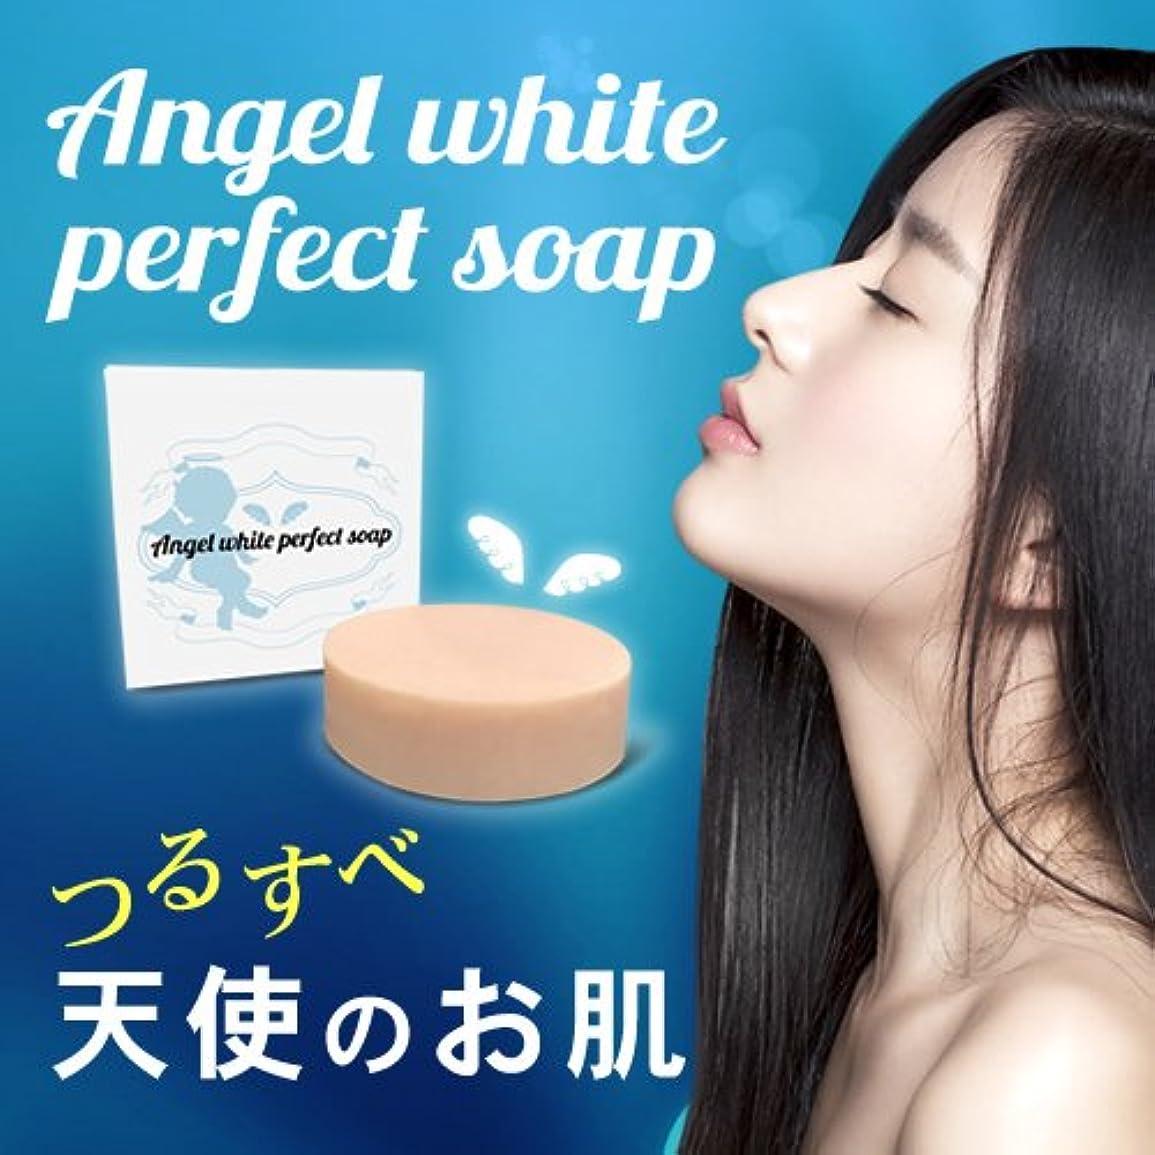 幸運逃げる書誌Angel White Perfect Soap(エンジェルホワイトパーフェクトソープ) 美白 美白石けん 美肌 洗顔石鹸